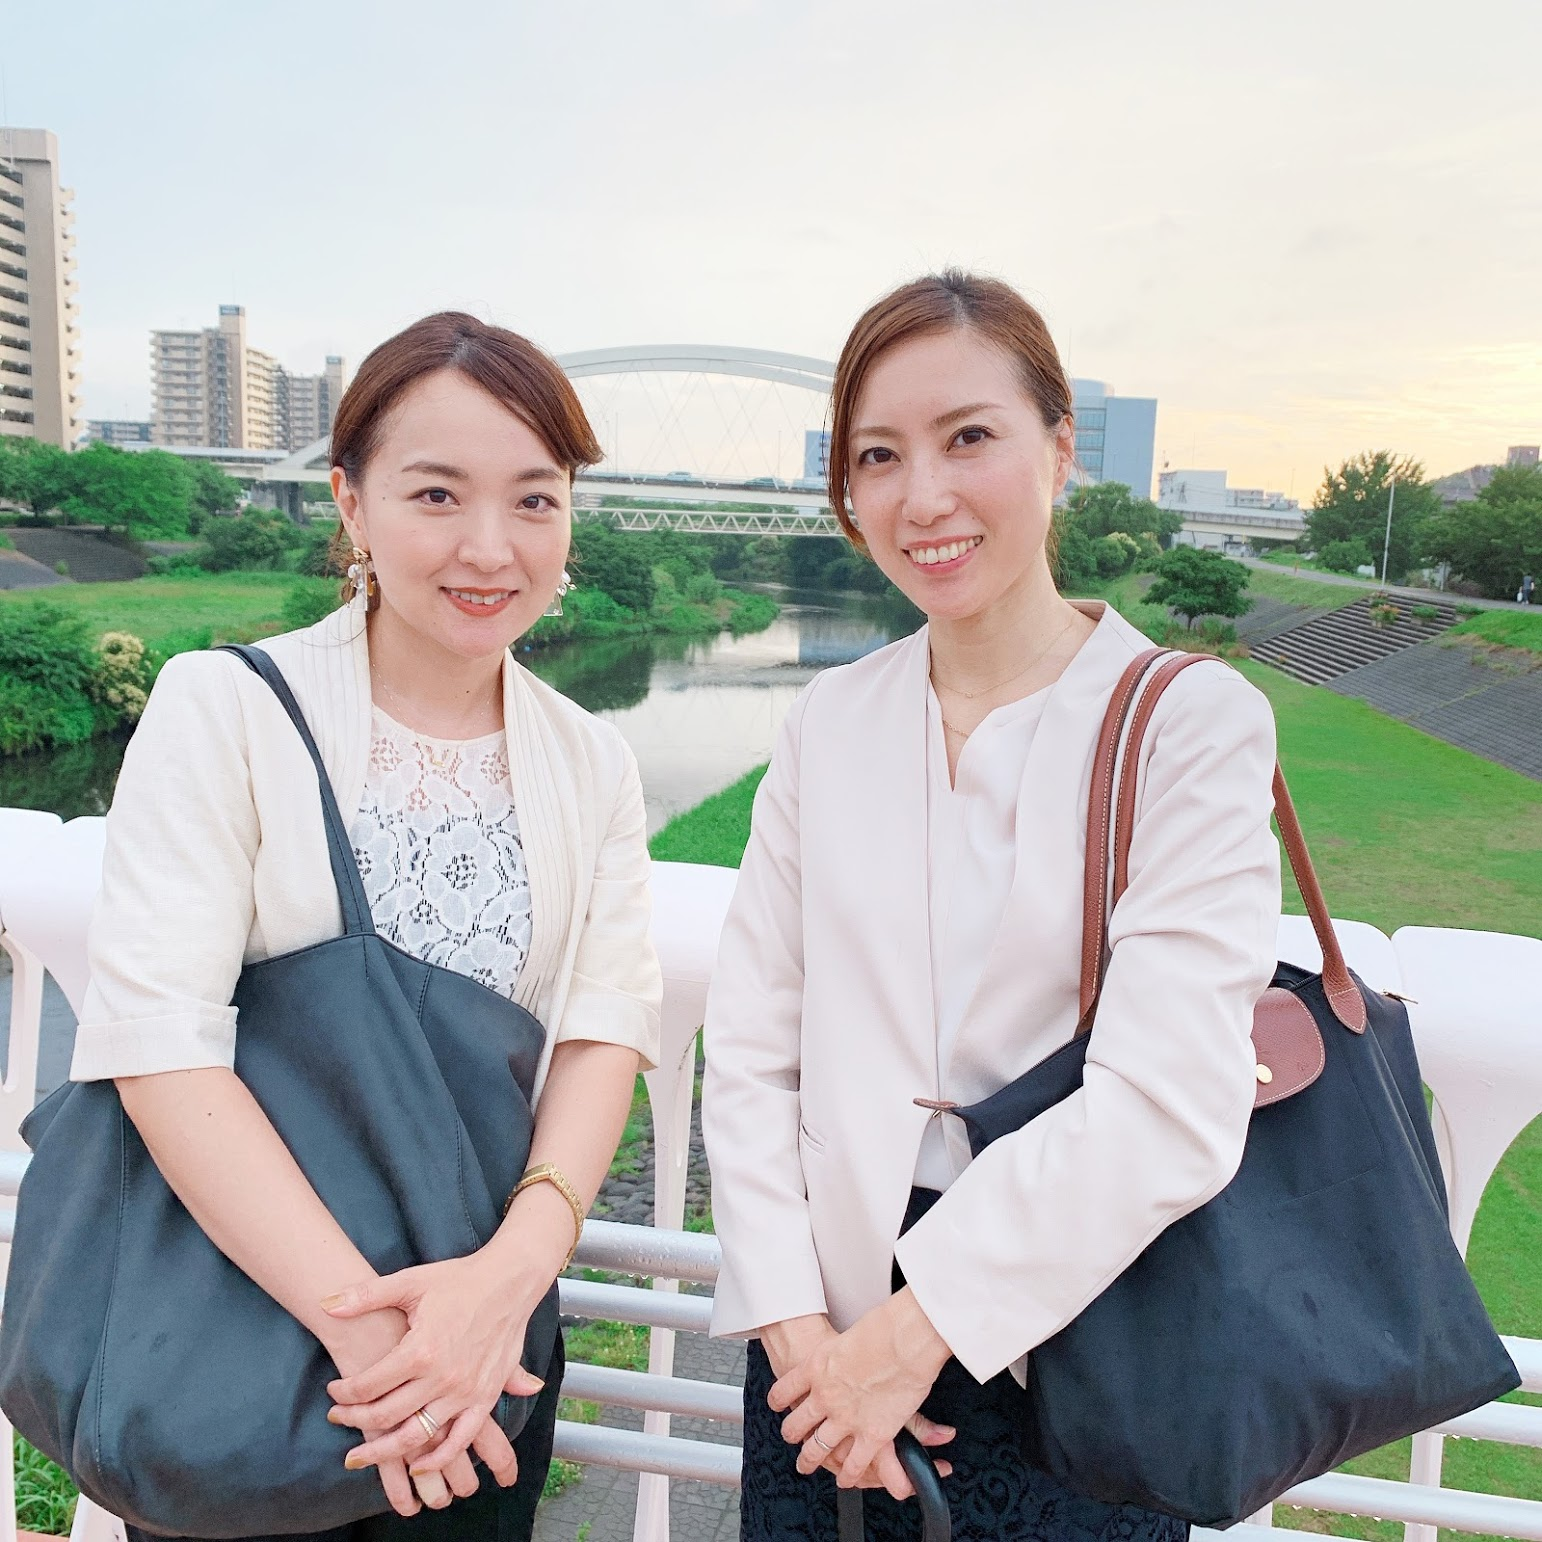 ららぽーと横浜パーソナルカラー診断イベント byパーソナルビューティーカラー研究所 サロン・ド・ルミエール